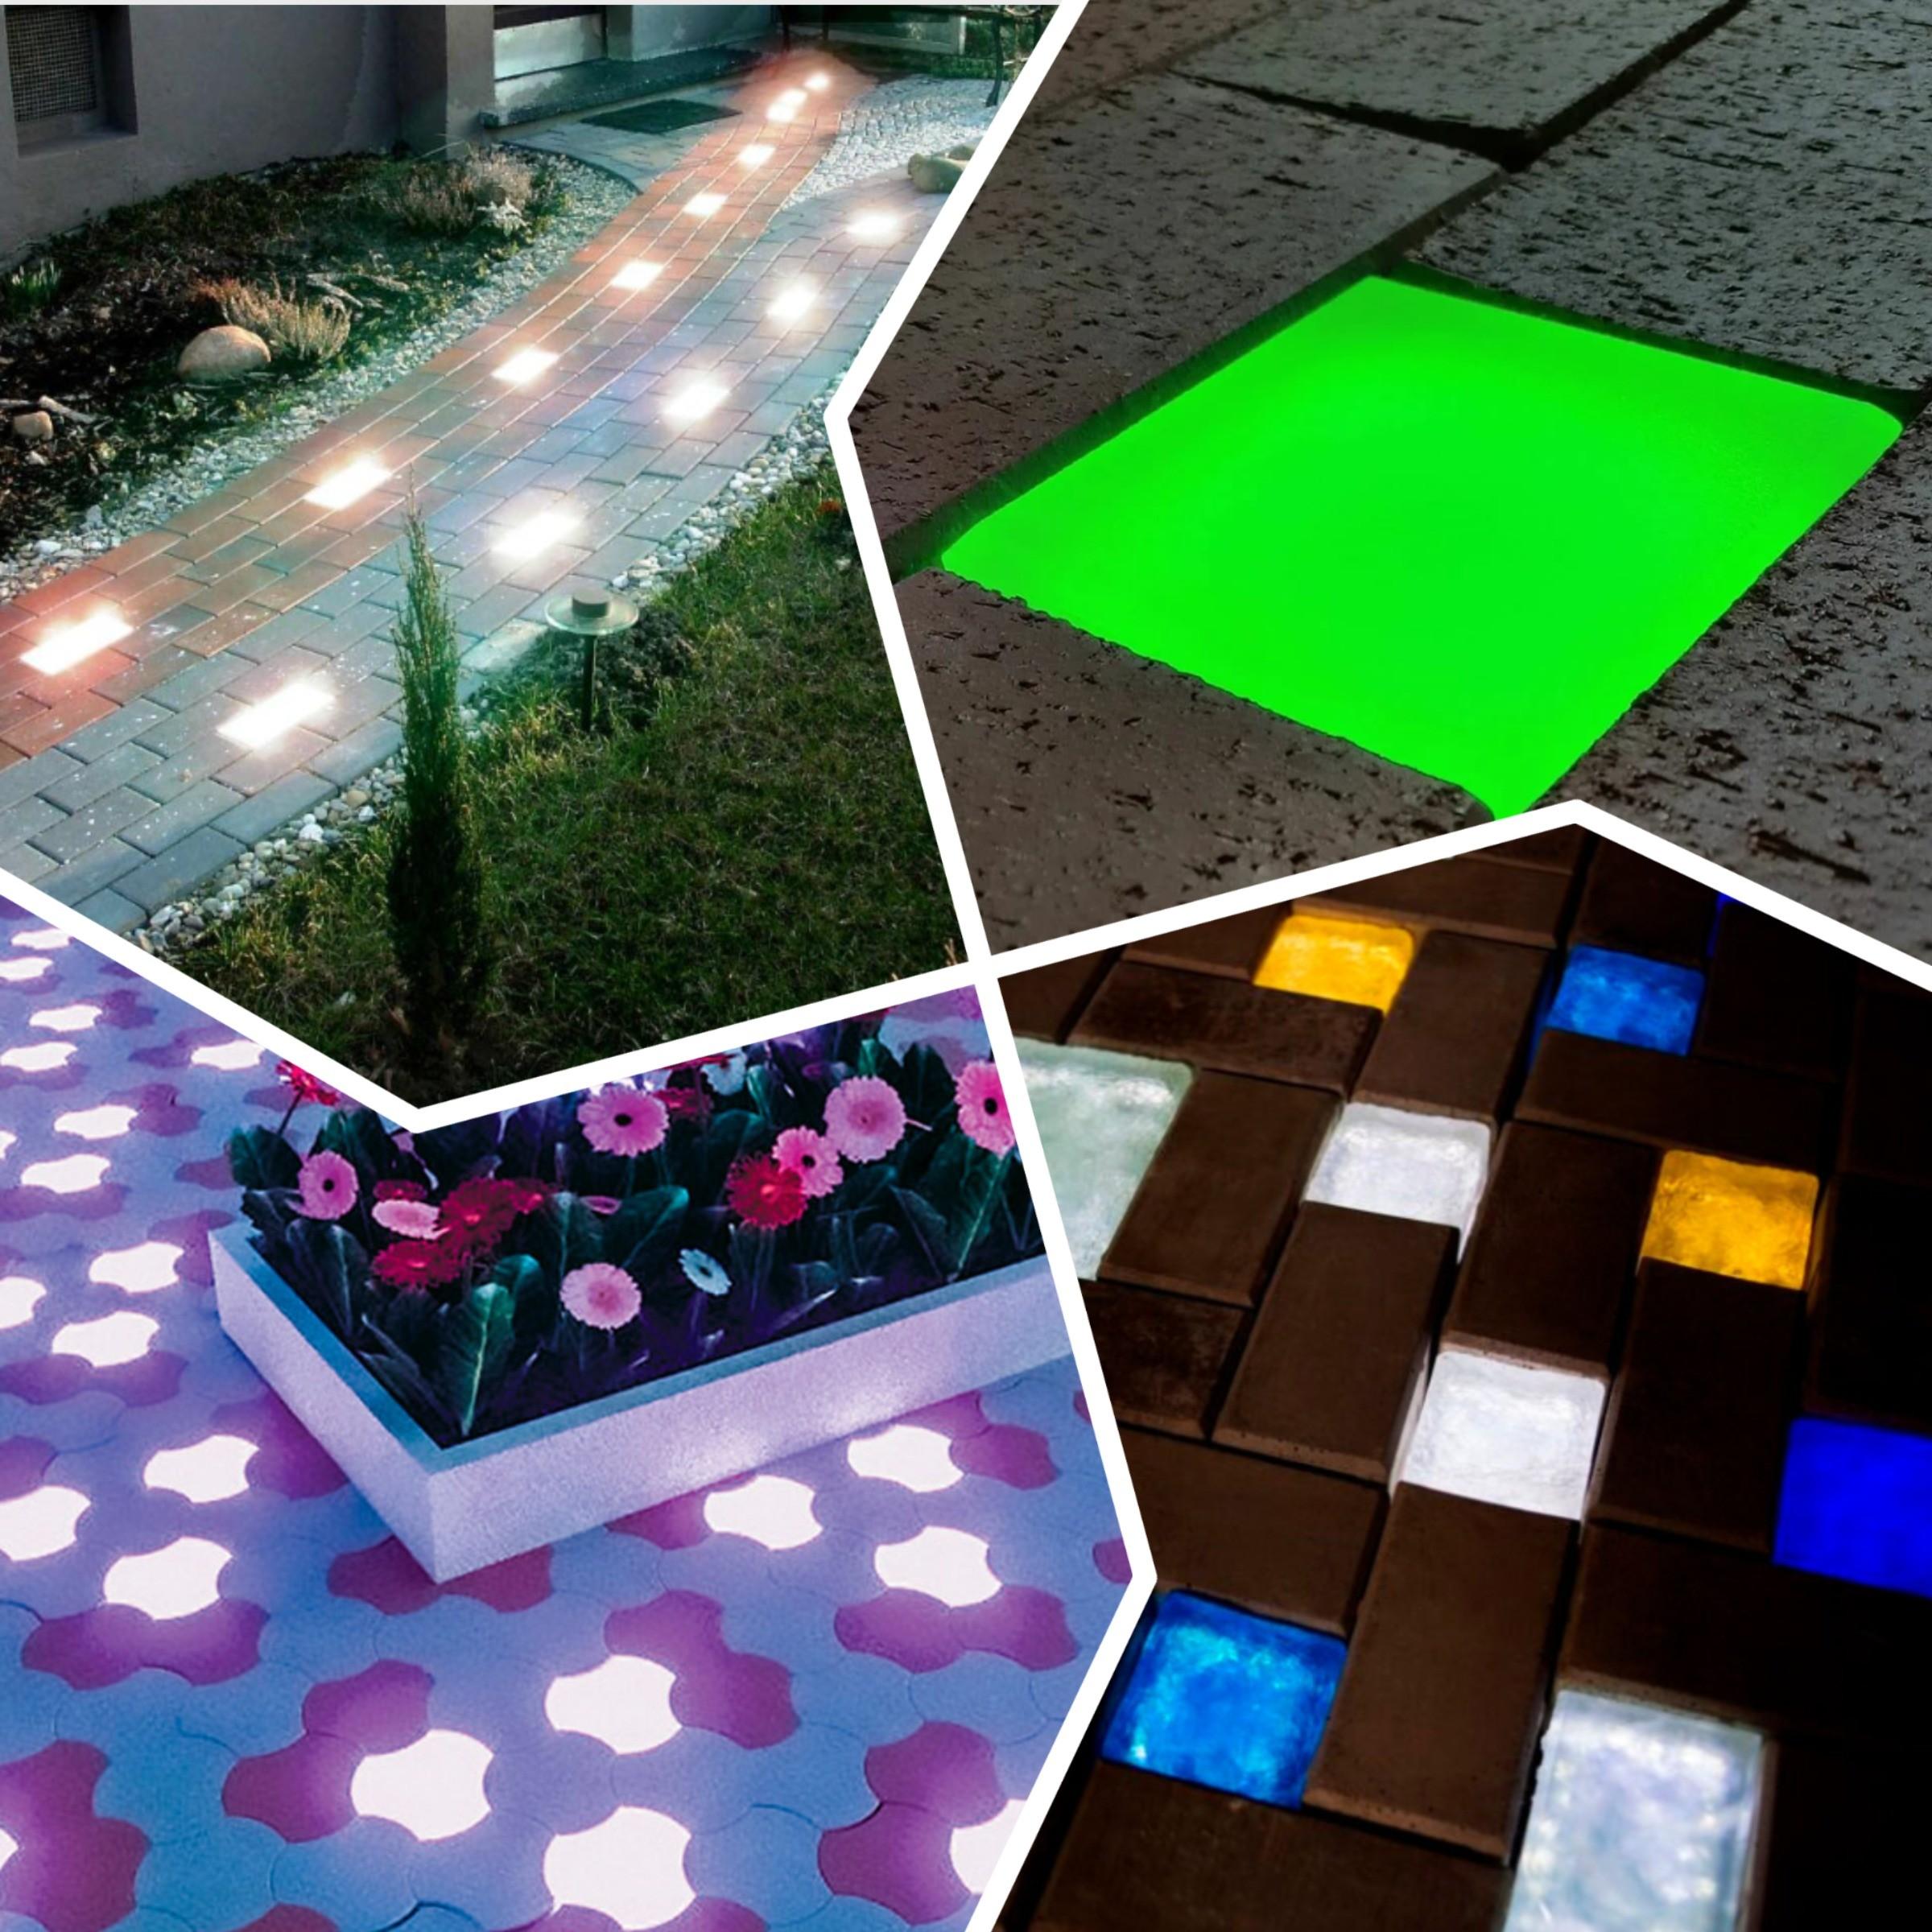 изображение светящейся тротуарной плитки